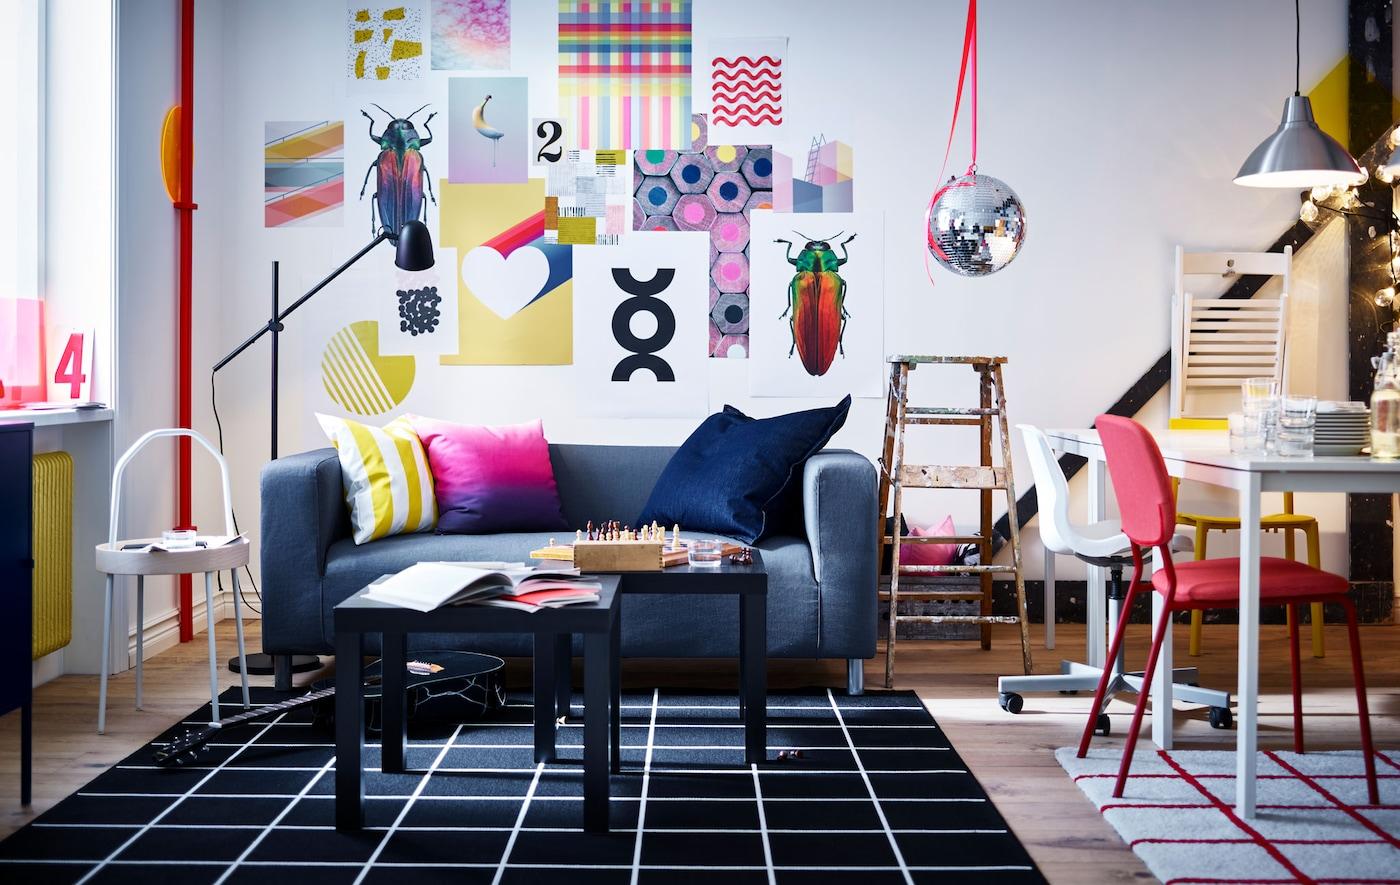 Élénk nappali és munkahely fali dekorációval, kanapéval, lámpákkal, Fehér asztalokkal, székekkel, szőnyegekkel és egy régi létrával.